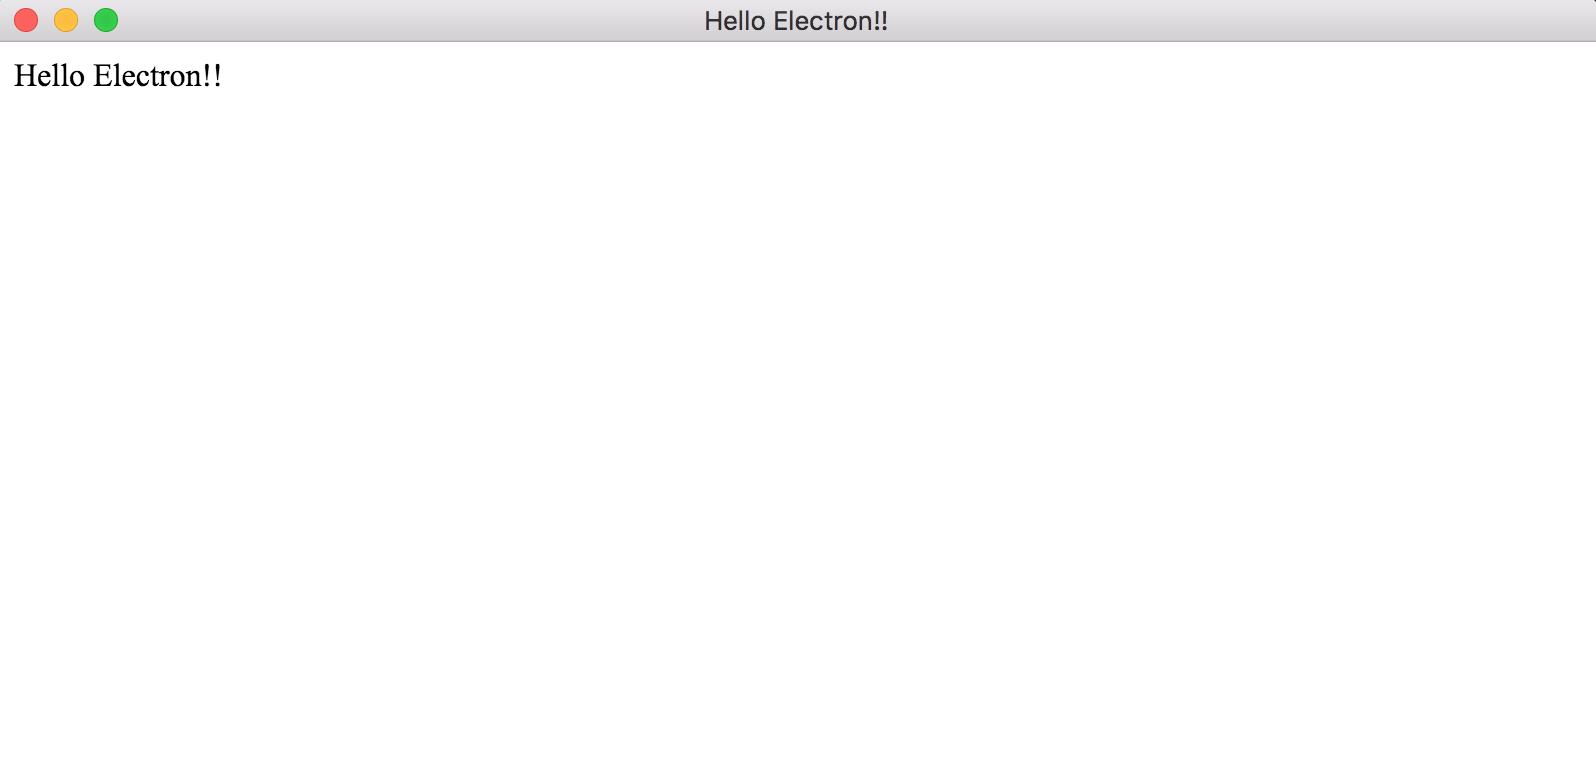 Hello Electron